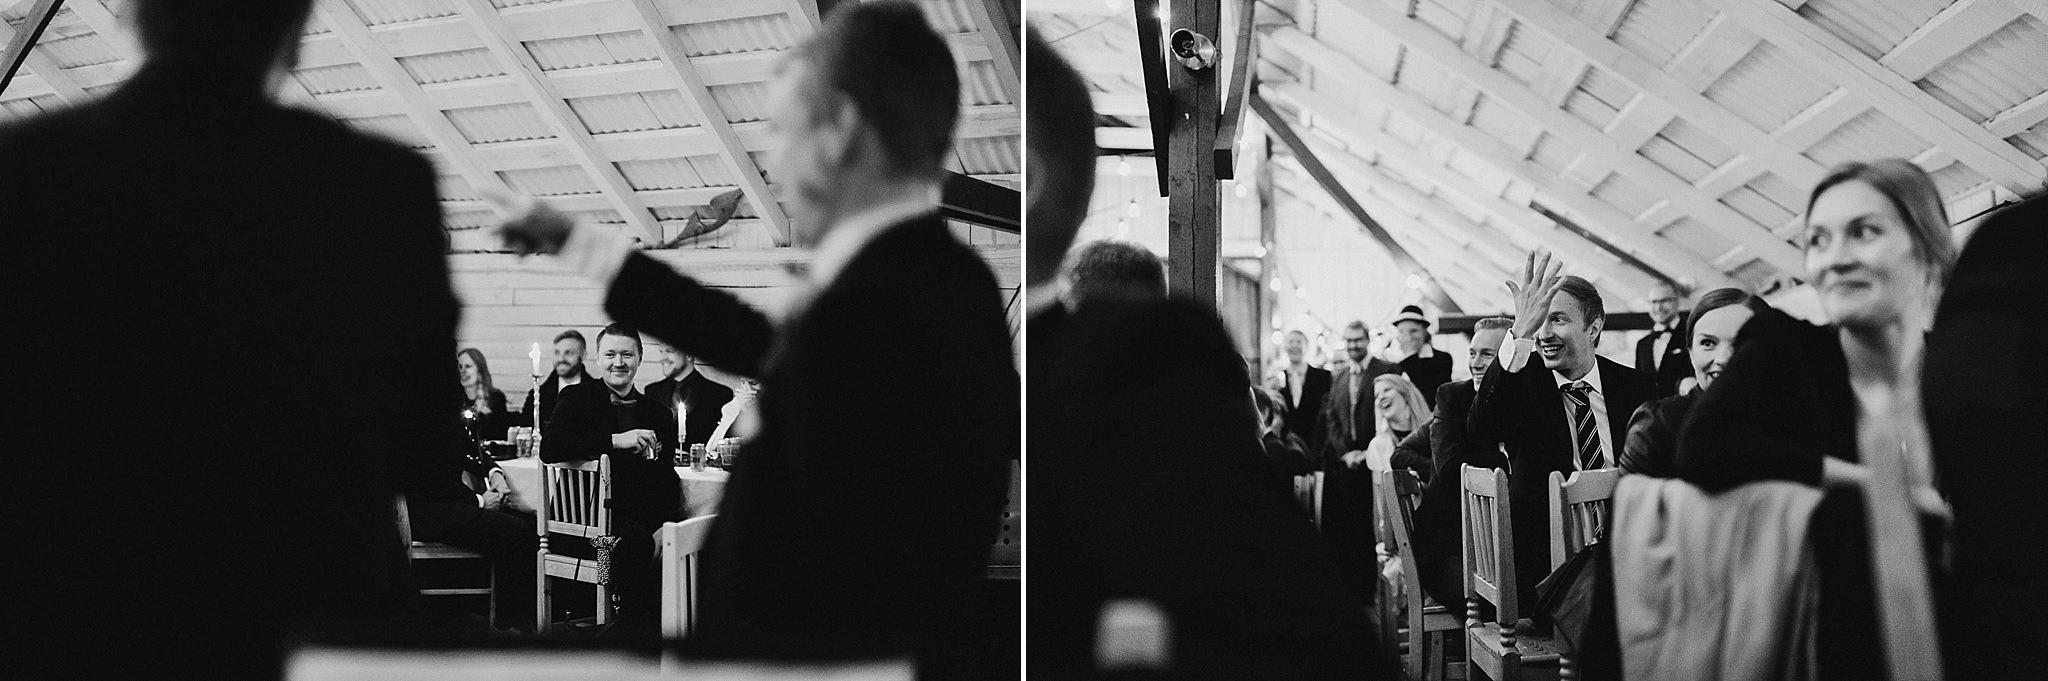 Haakuvaus_wedding_jyvaskyla_muurame_tuomiston_tila_0116.jpg